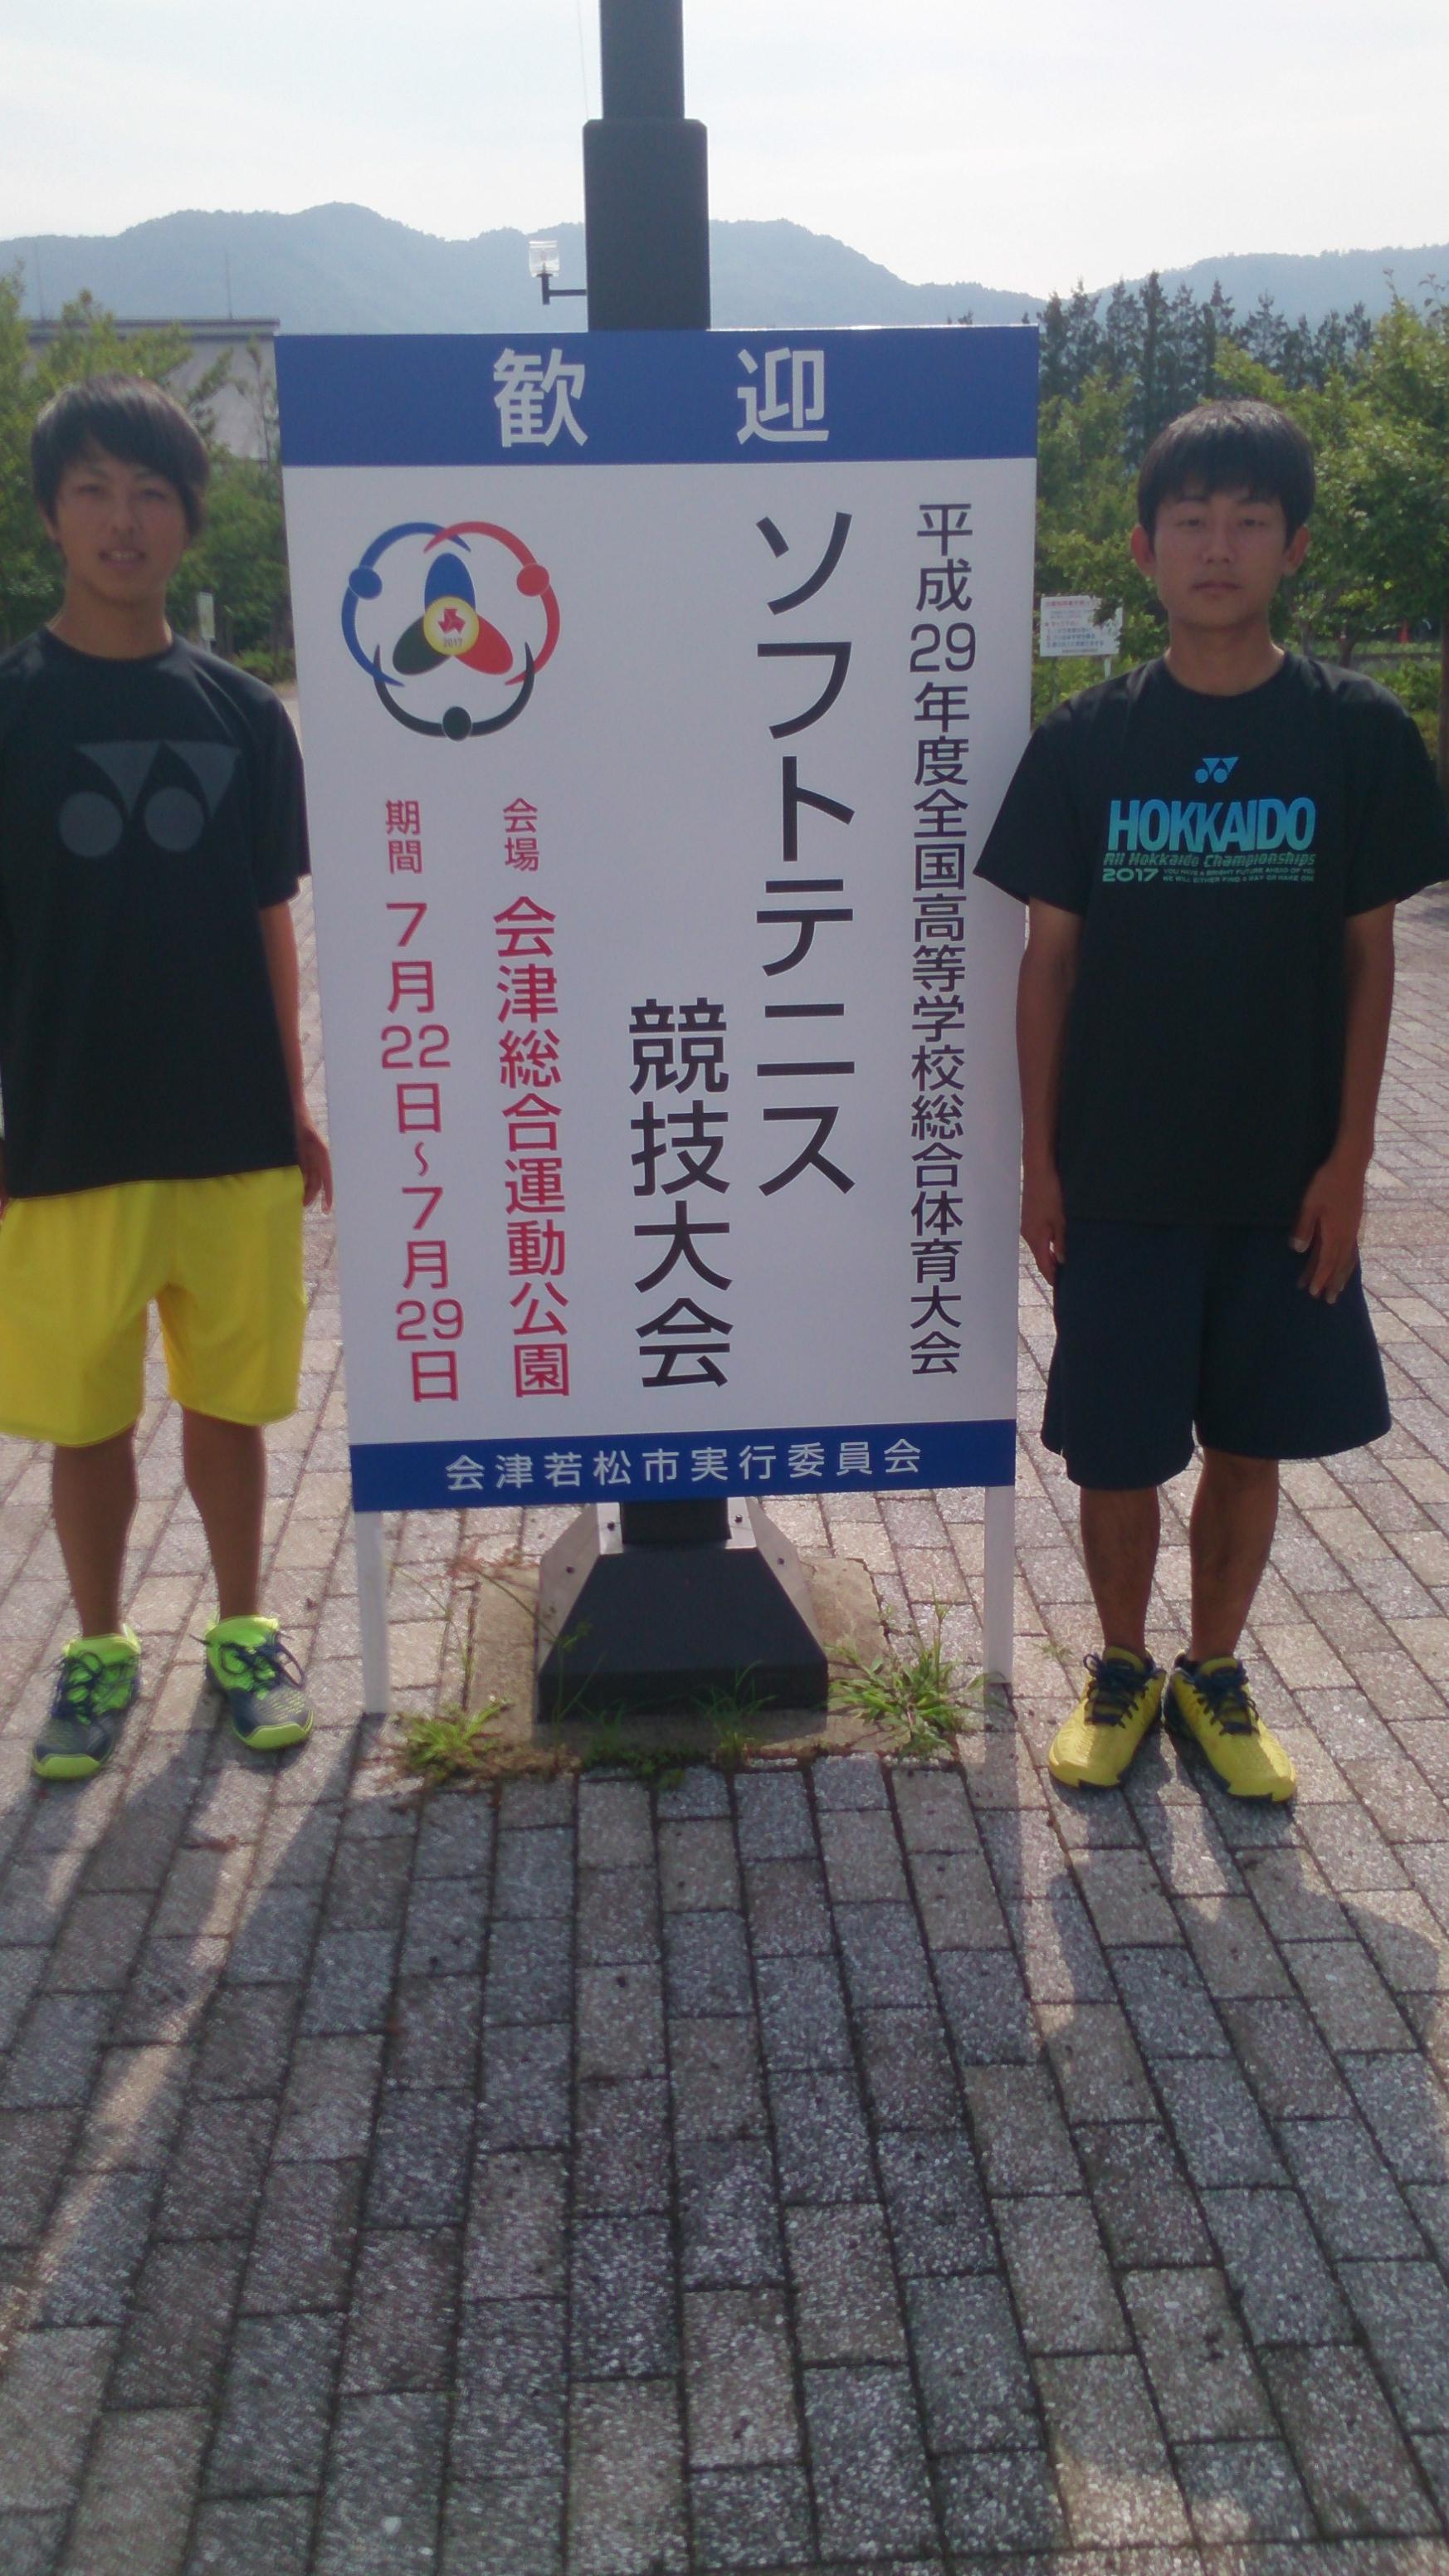 jhs-judo.jp - 第41回 全国高等学校柔道選手権大会